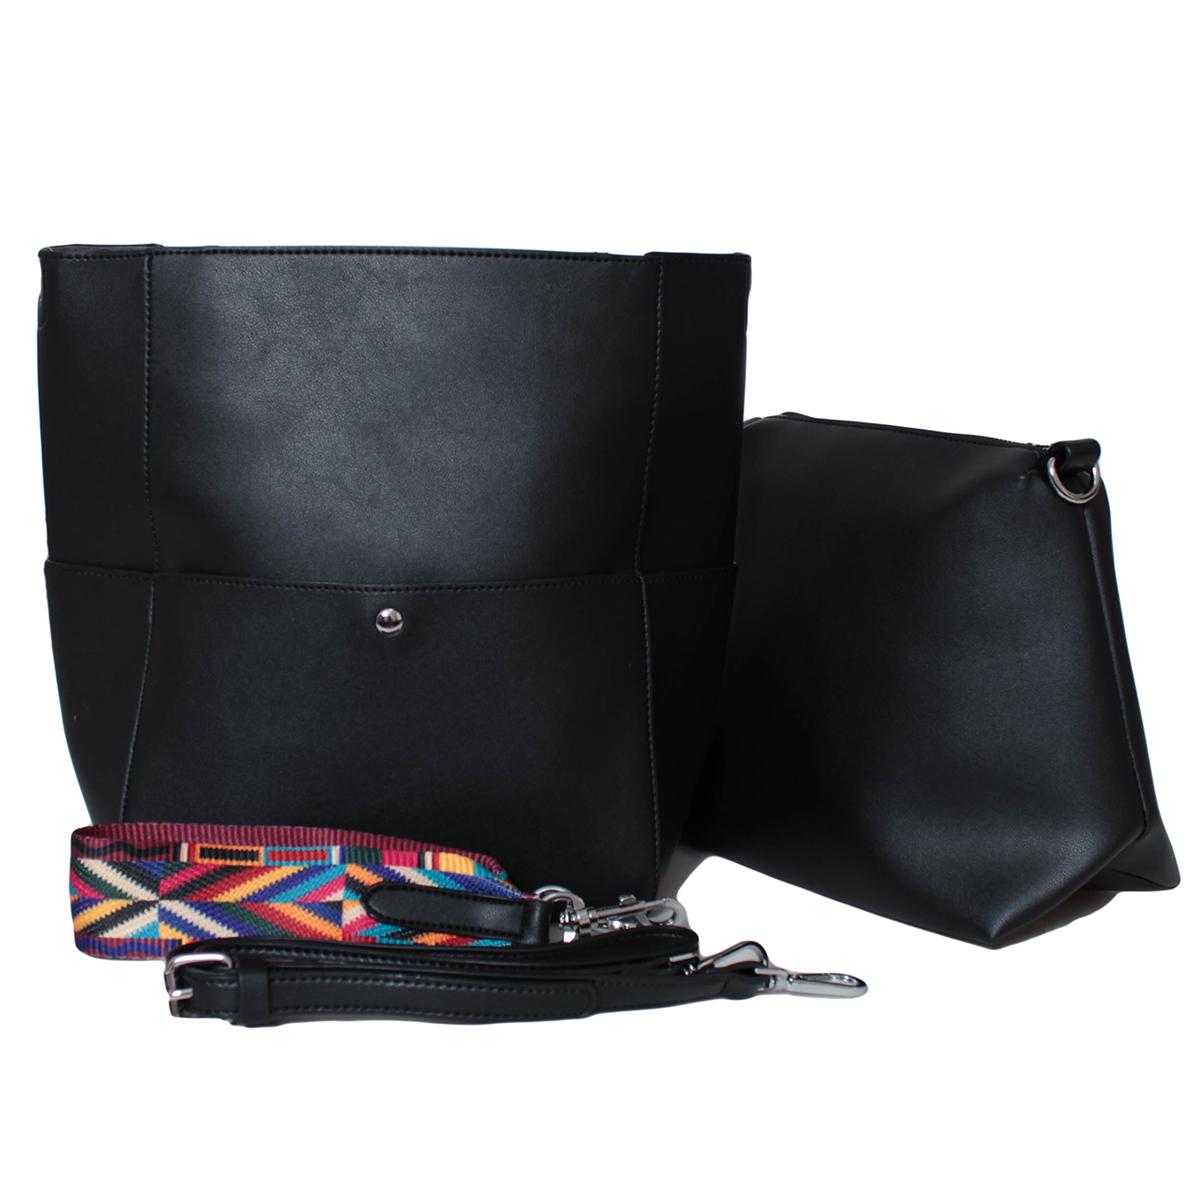 Сумка женская Flioraj, цвет: черный. 0005303500053035Закрывается на клапан. Внутри одно отделение, на передней и задней стенки карманы на клапах. В комплекте косметичка, короткий ремешок и длинный ремень.